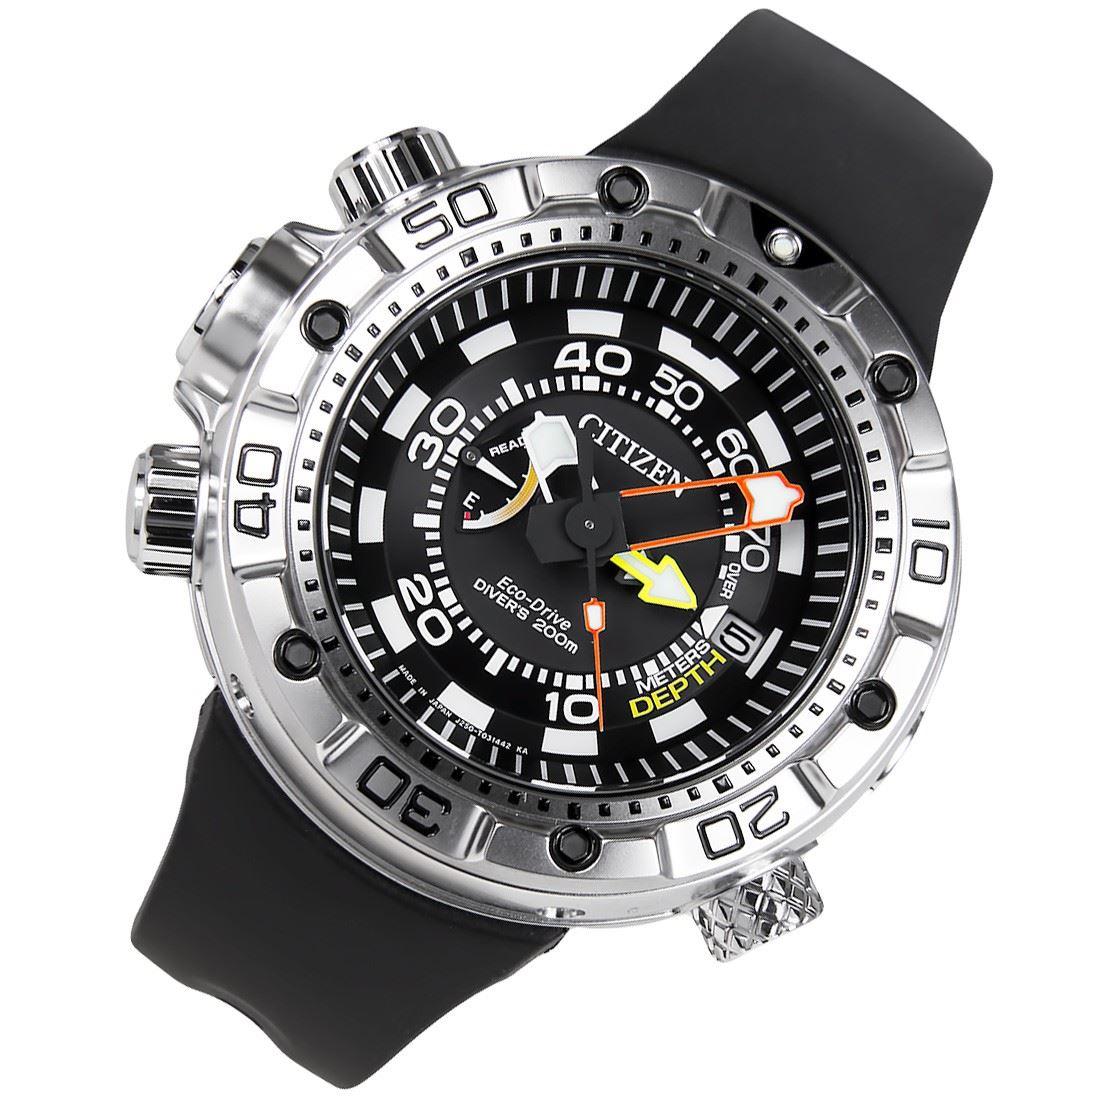 Bn2021 03e bn2024 05e citizen promaster eco drive divers 200m watch ebay - Citizen promaster dive watch ...